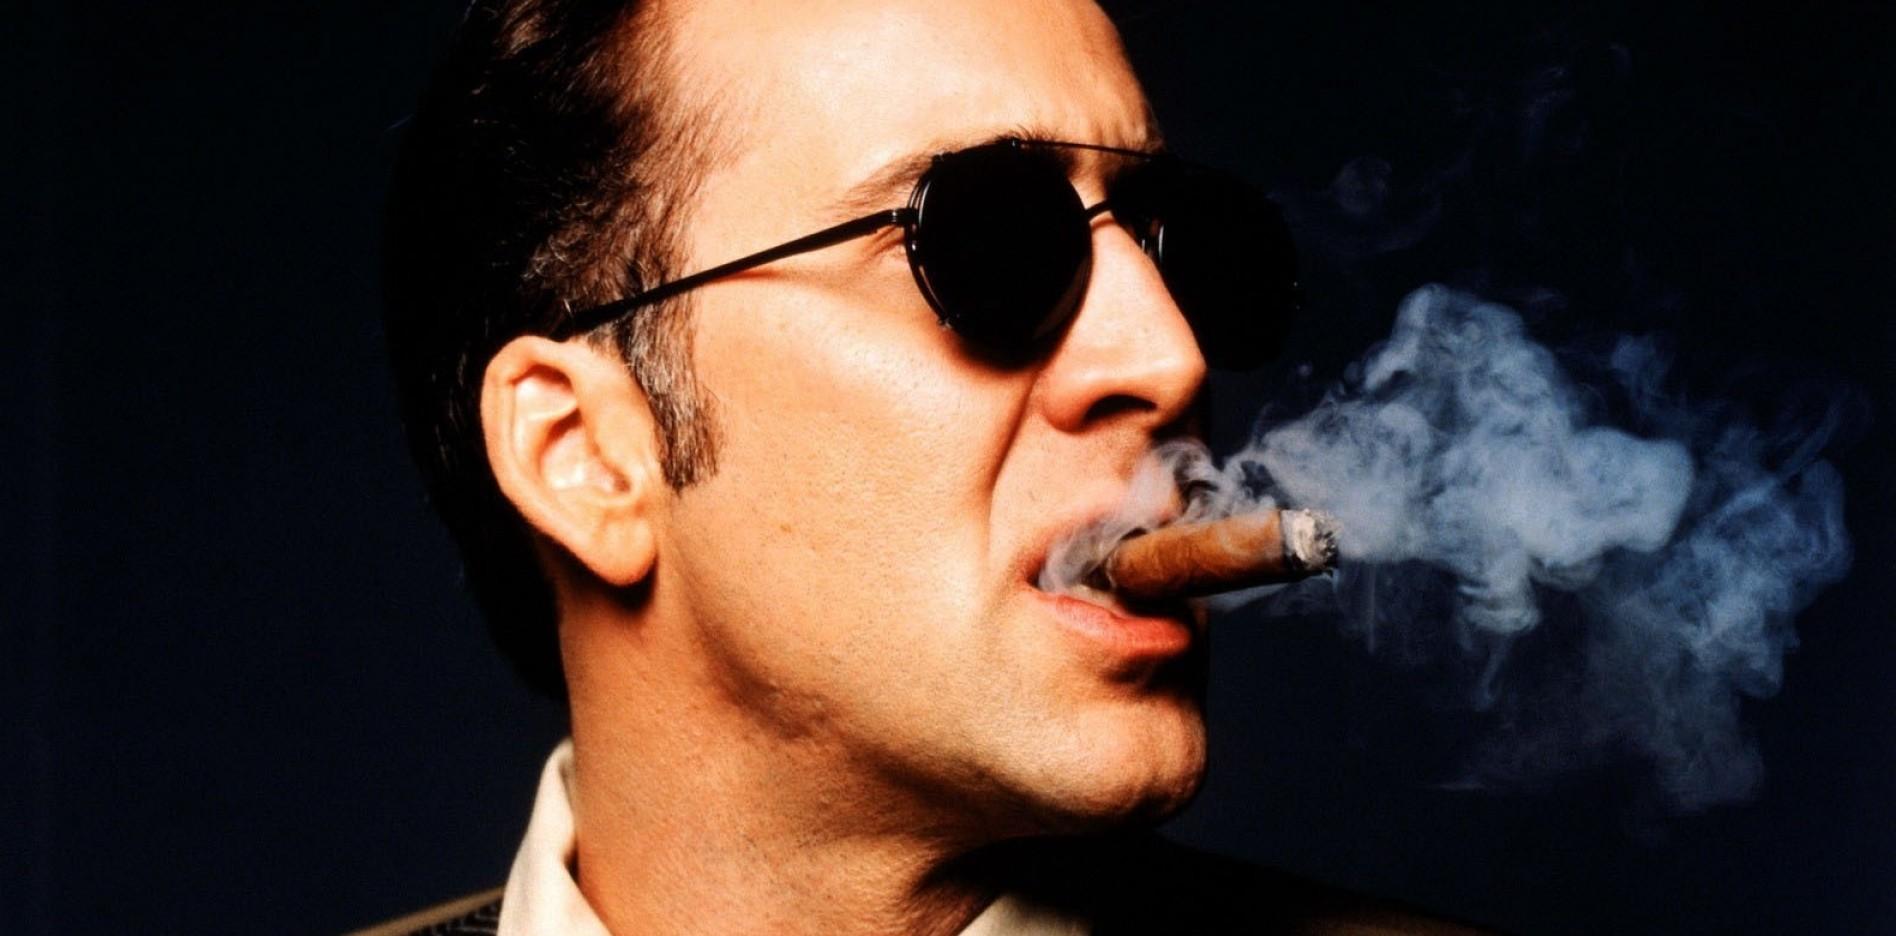 Никълъс Кейдж е сред знаменитостите, любители на големите цигари.